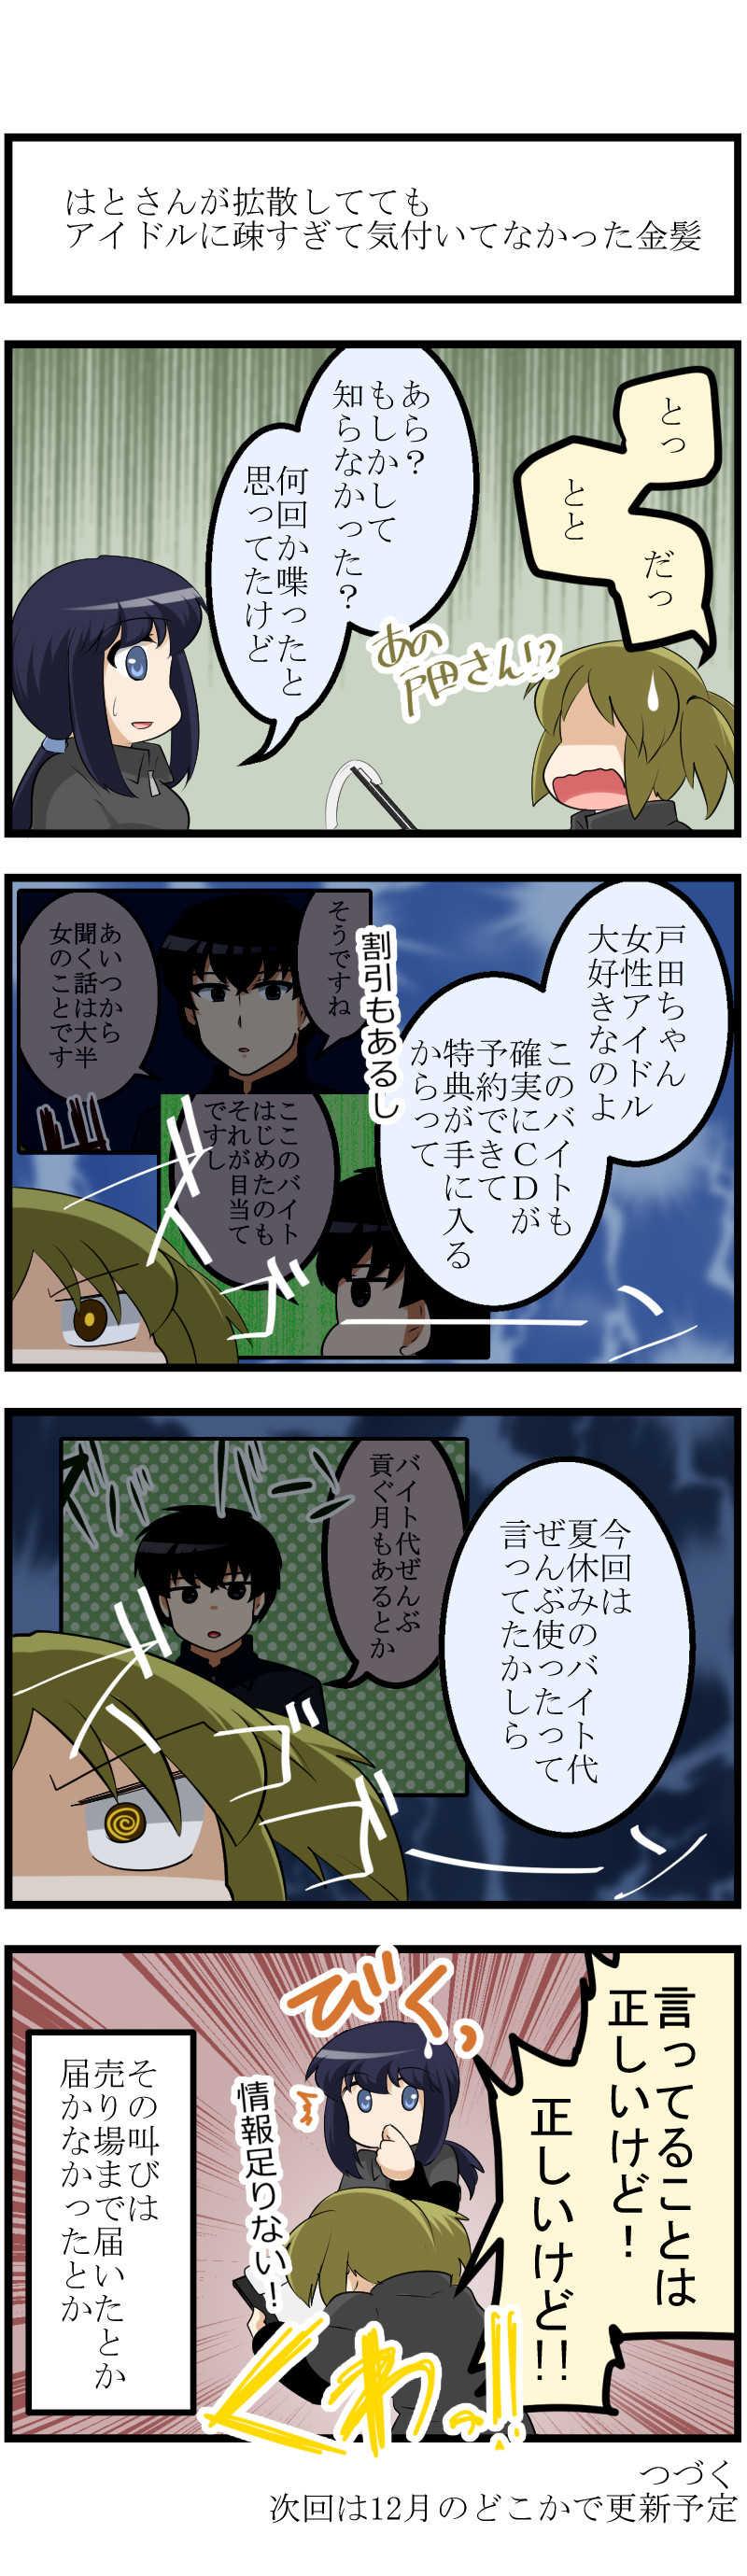 第57話「JKの謎(解答編)